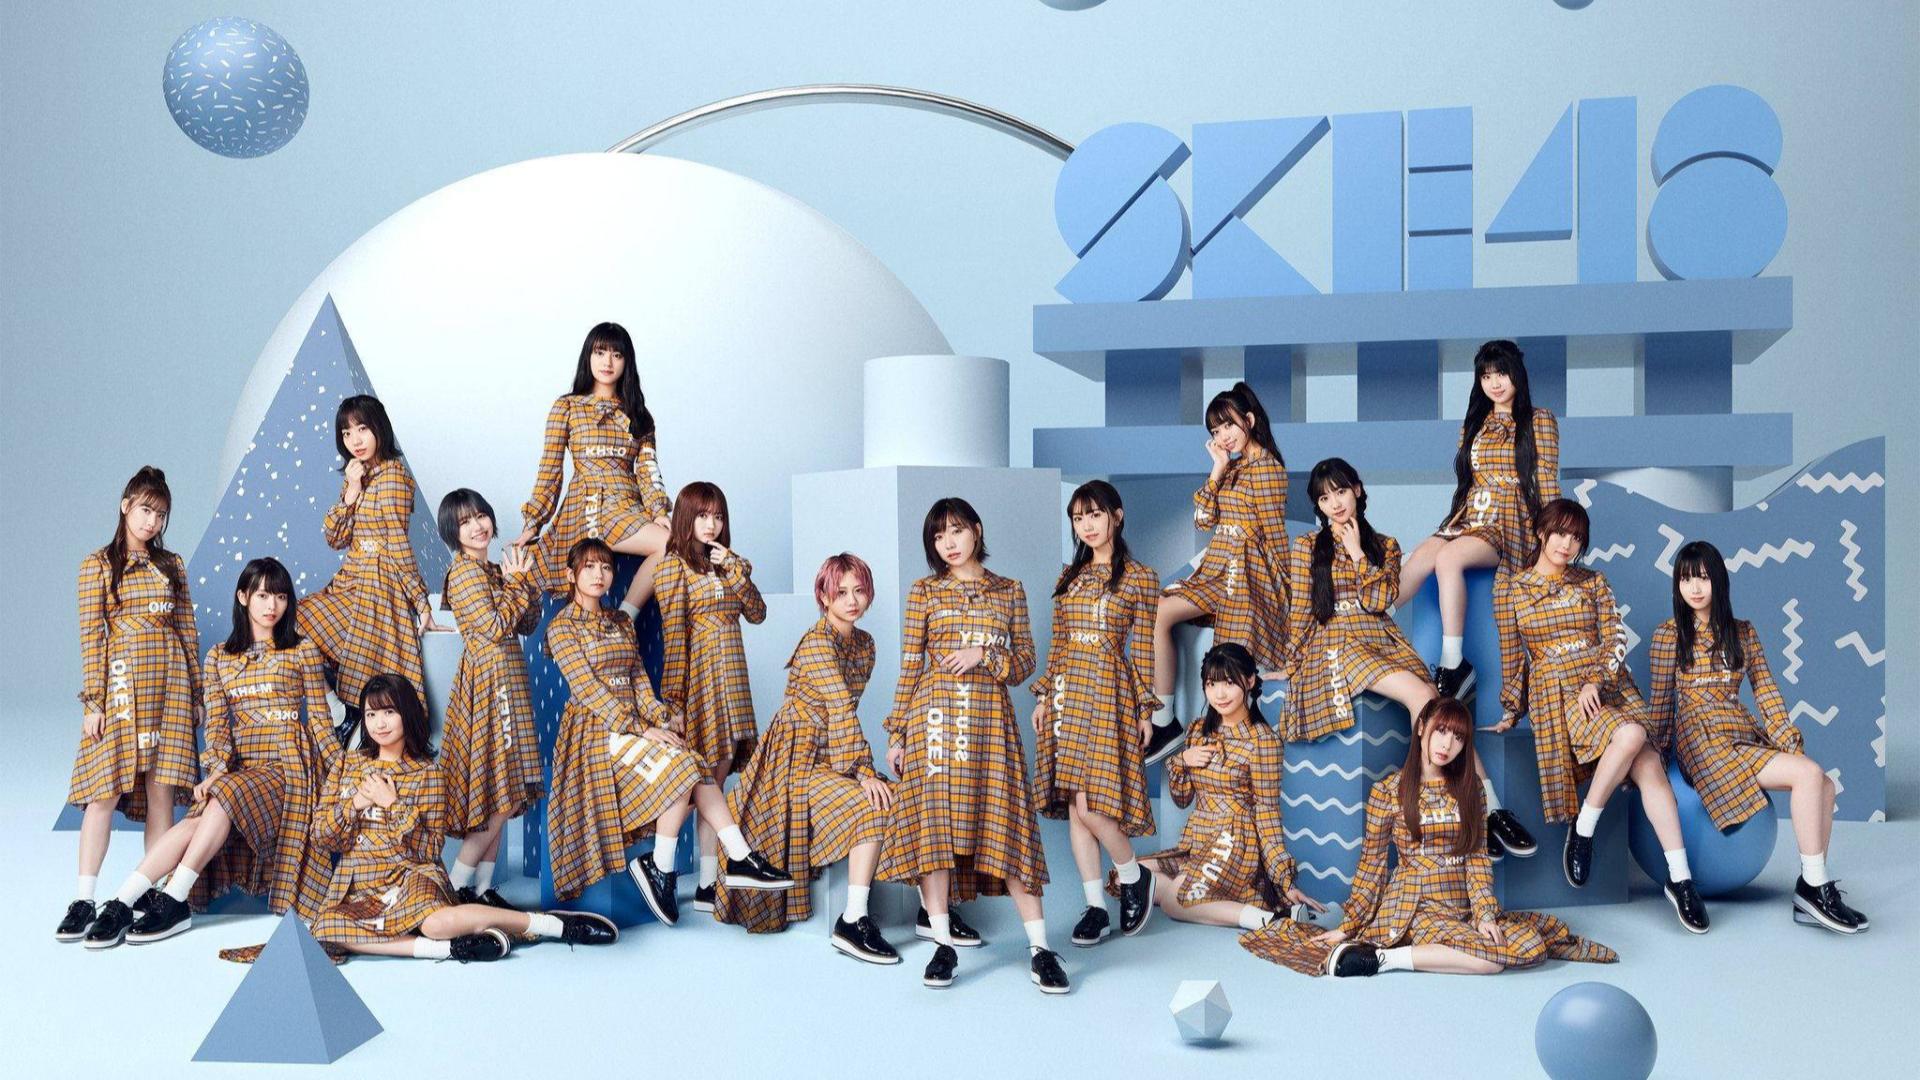 [CAFE48]SKE48 26TH PV